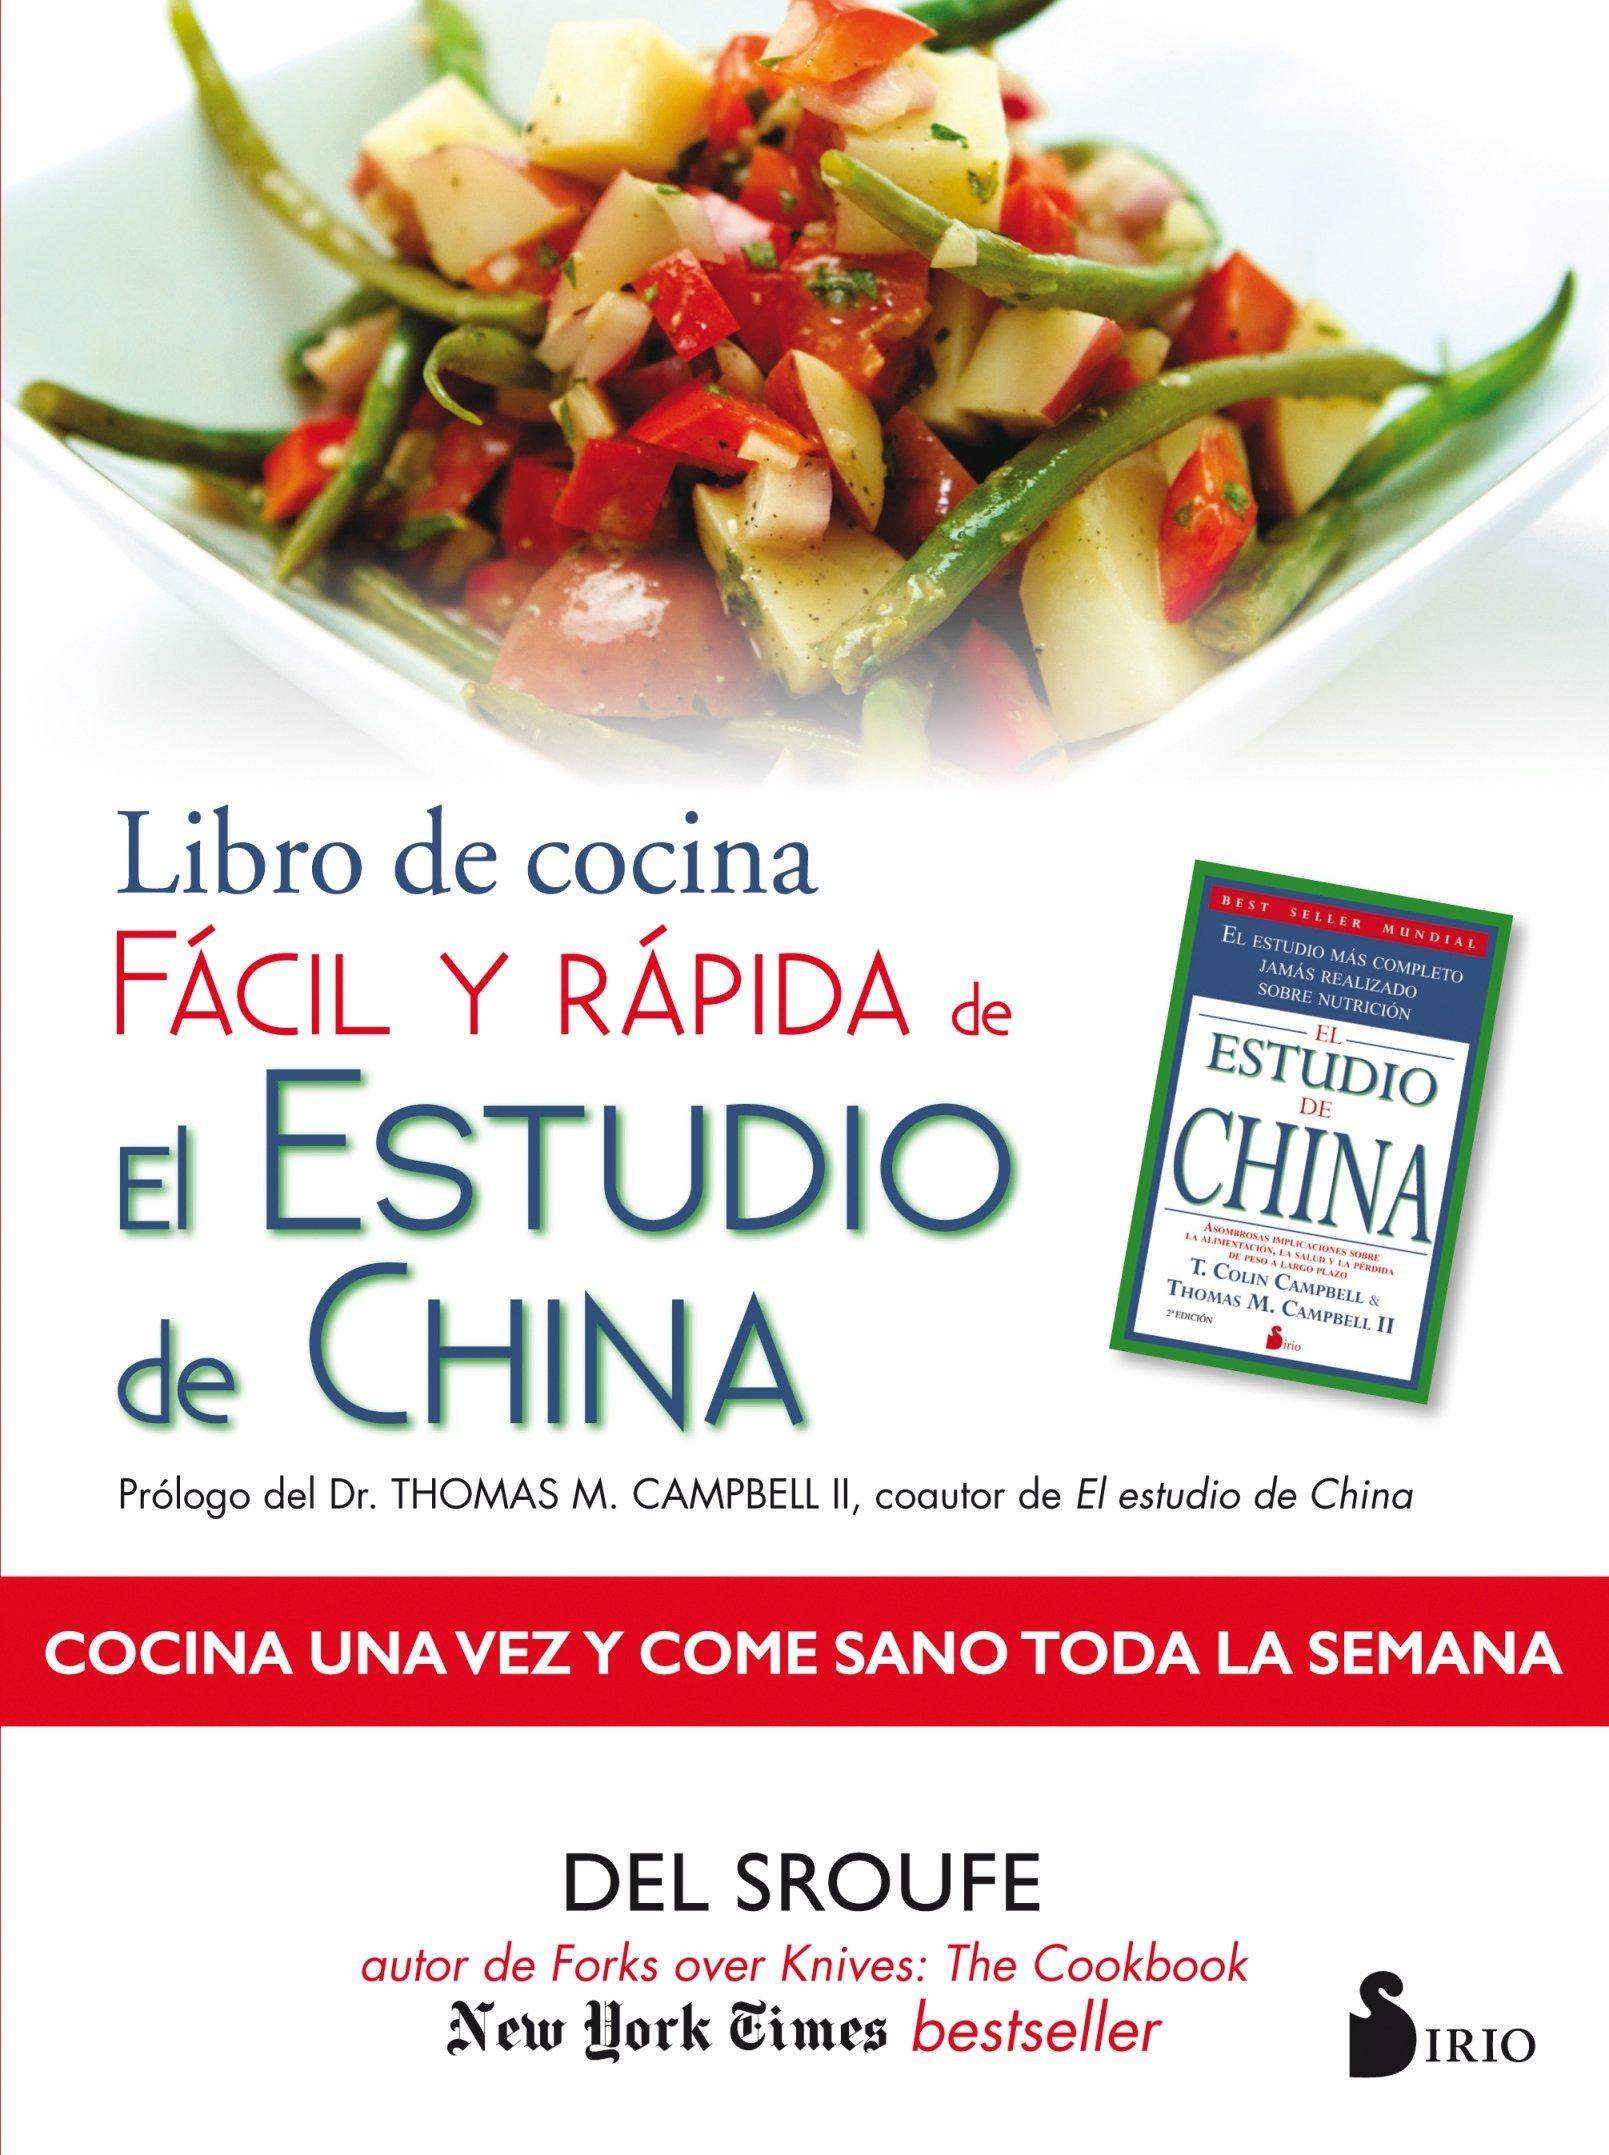 Libro de cocina fácil y rápido de estudio de china: Amazon.es ...